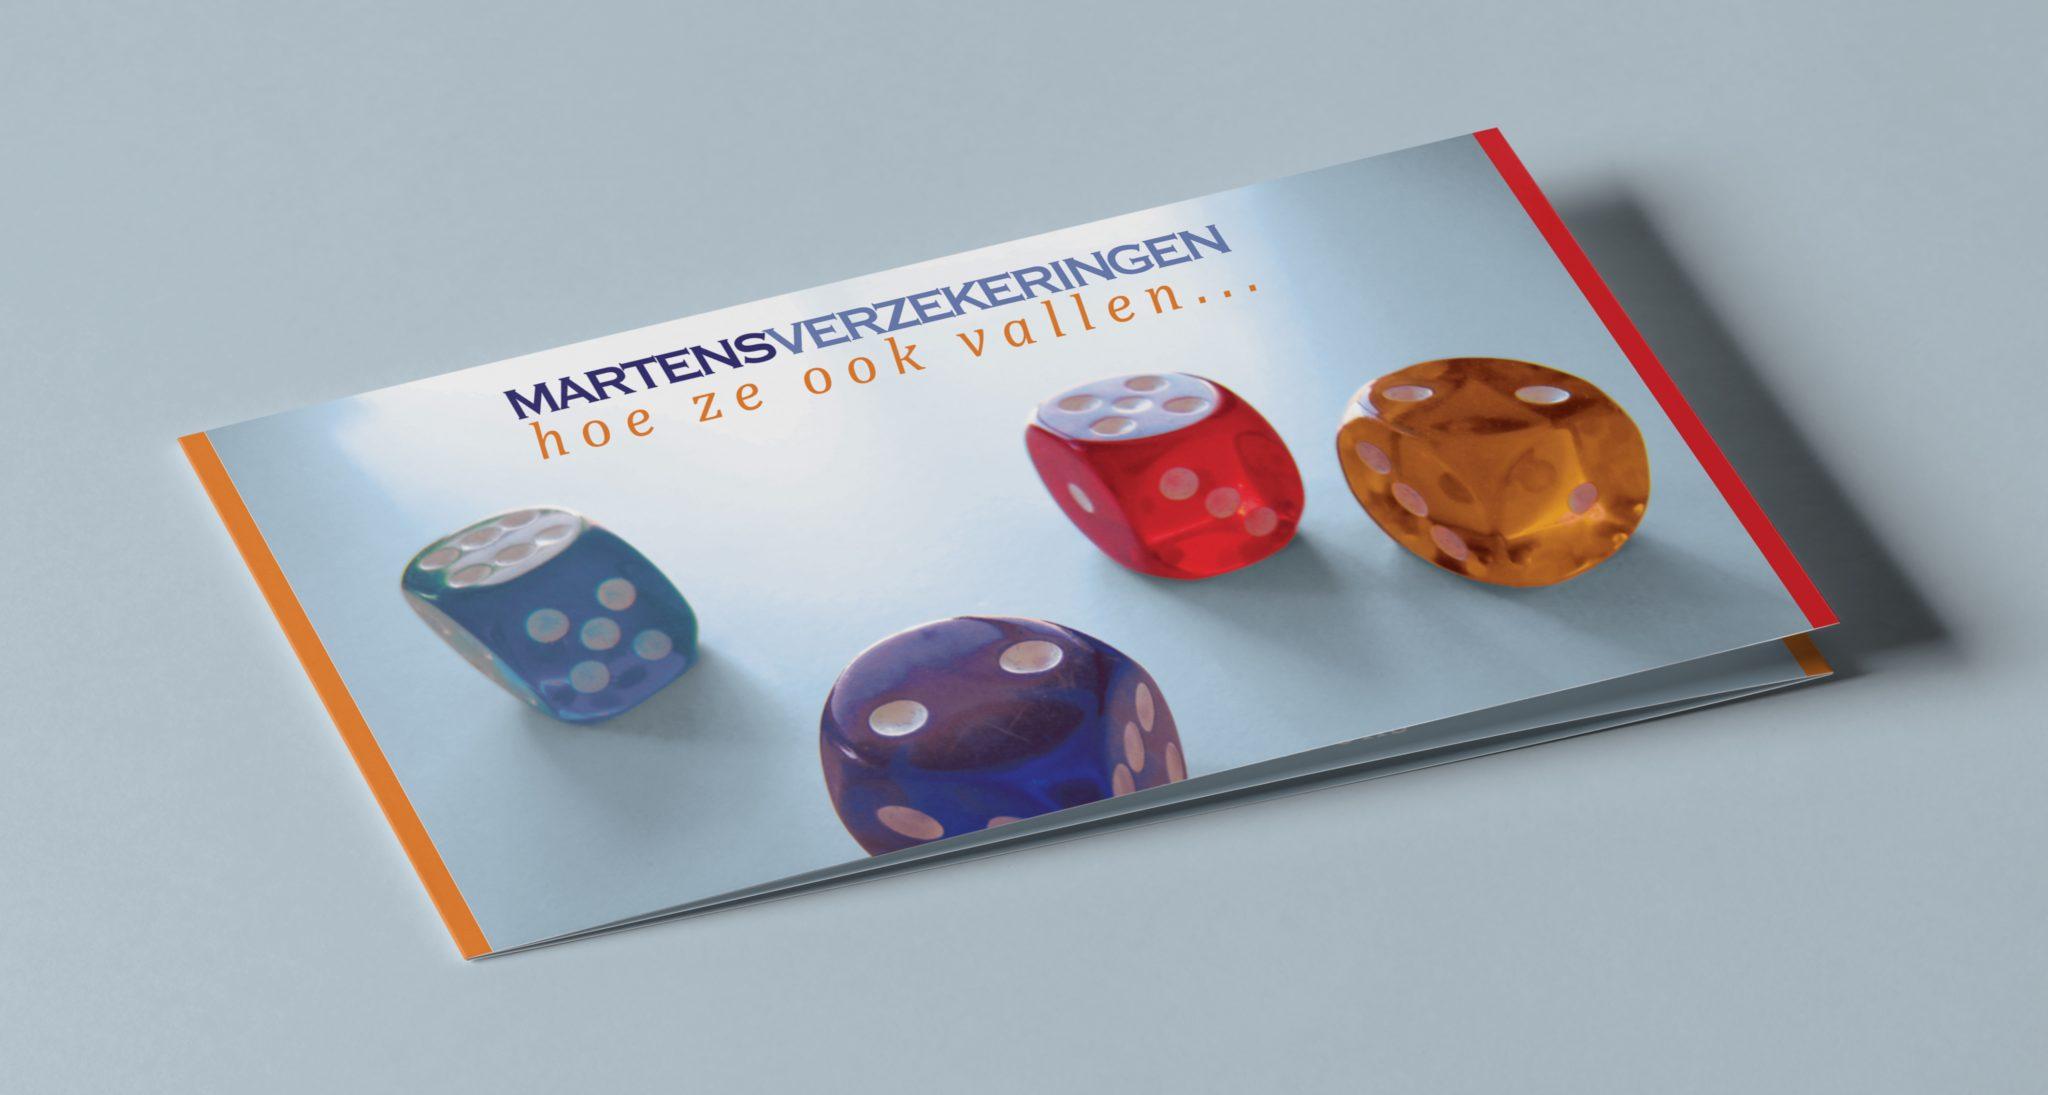 Martens verzekeringen starterscafé